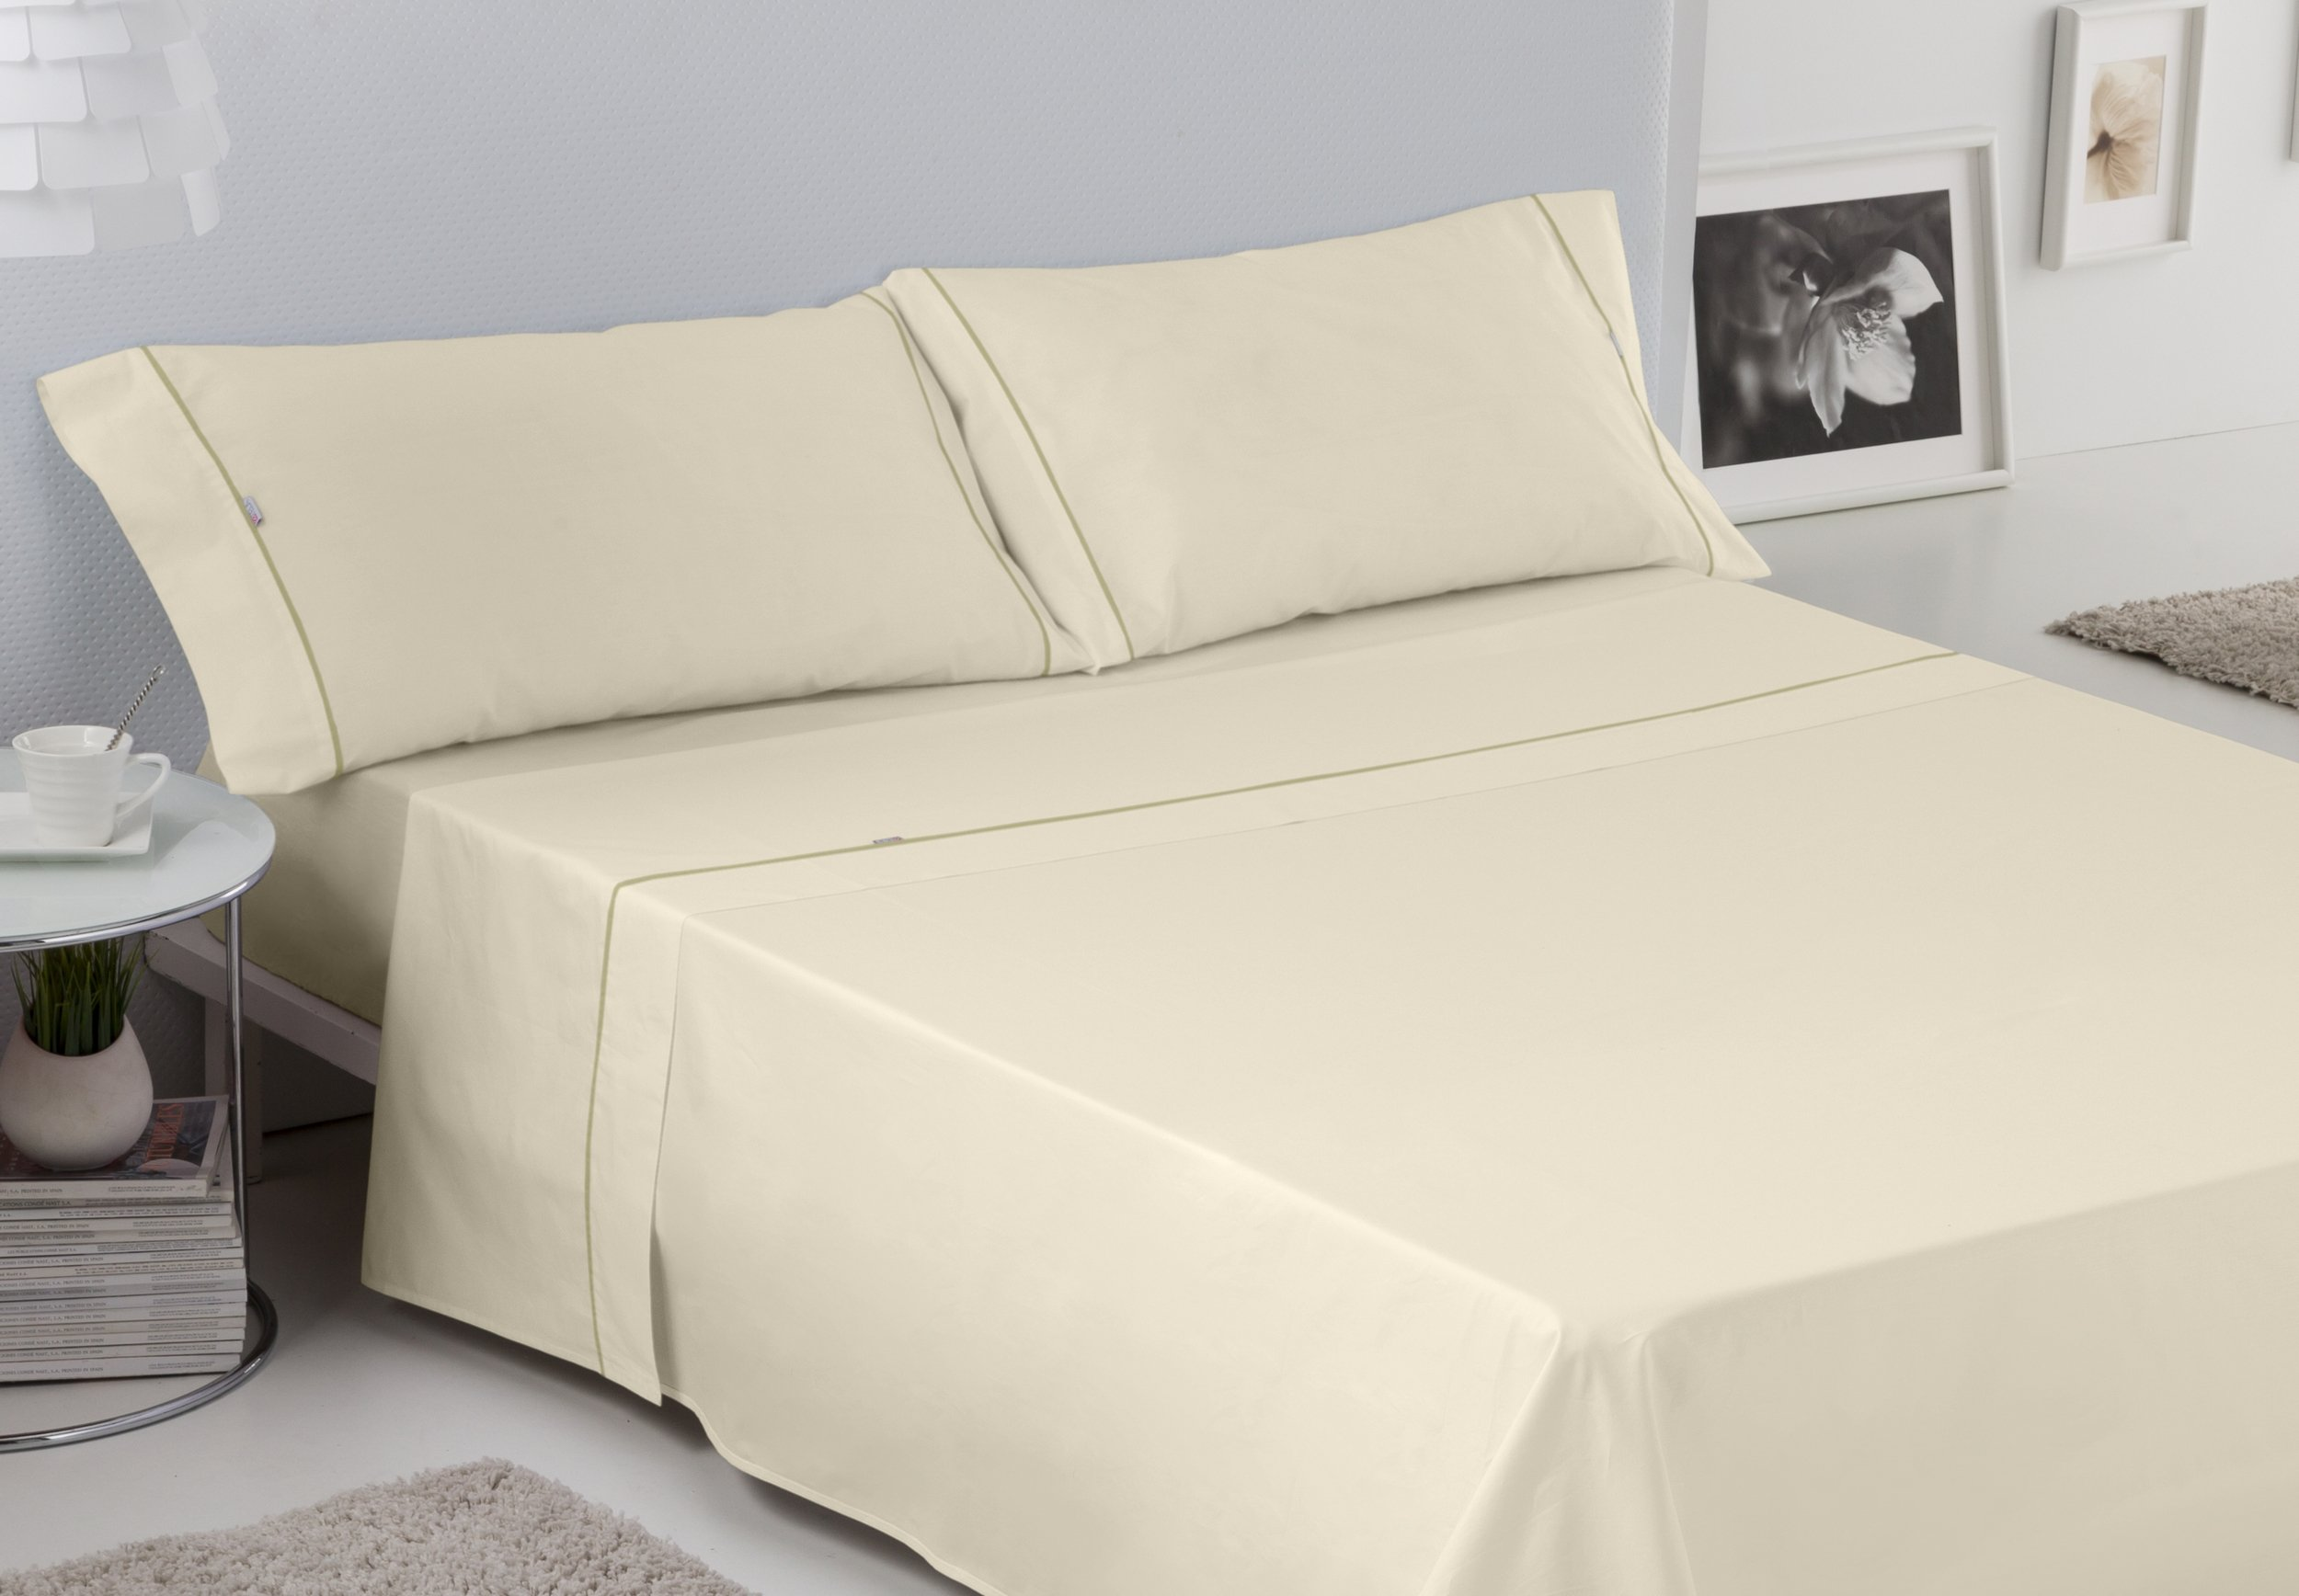 ESTELA - Juego de sábanas Lisos Cala con BIÉS Color Crema (4 Piezas) - Cama de 150 cm. - 100% Algodón - 144 Hilos: Amazon.es: Hogar